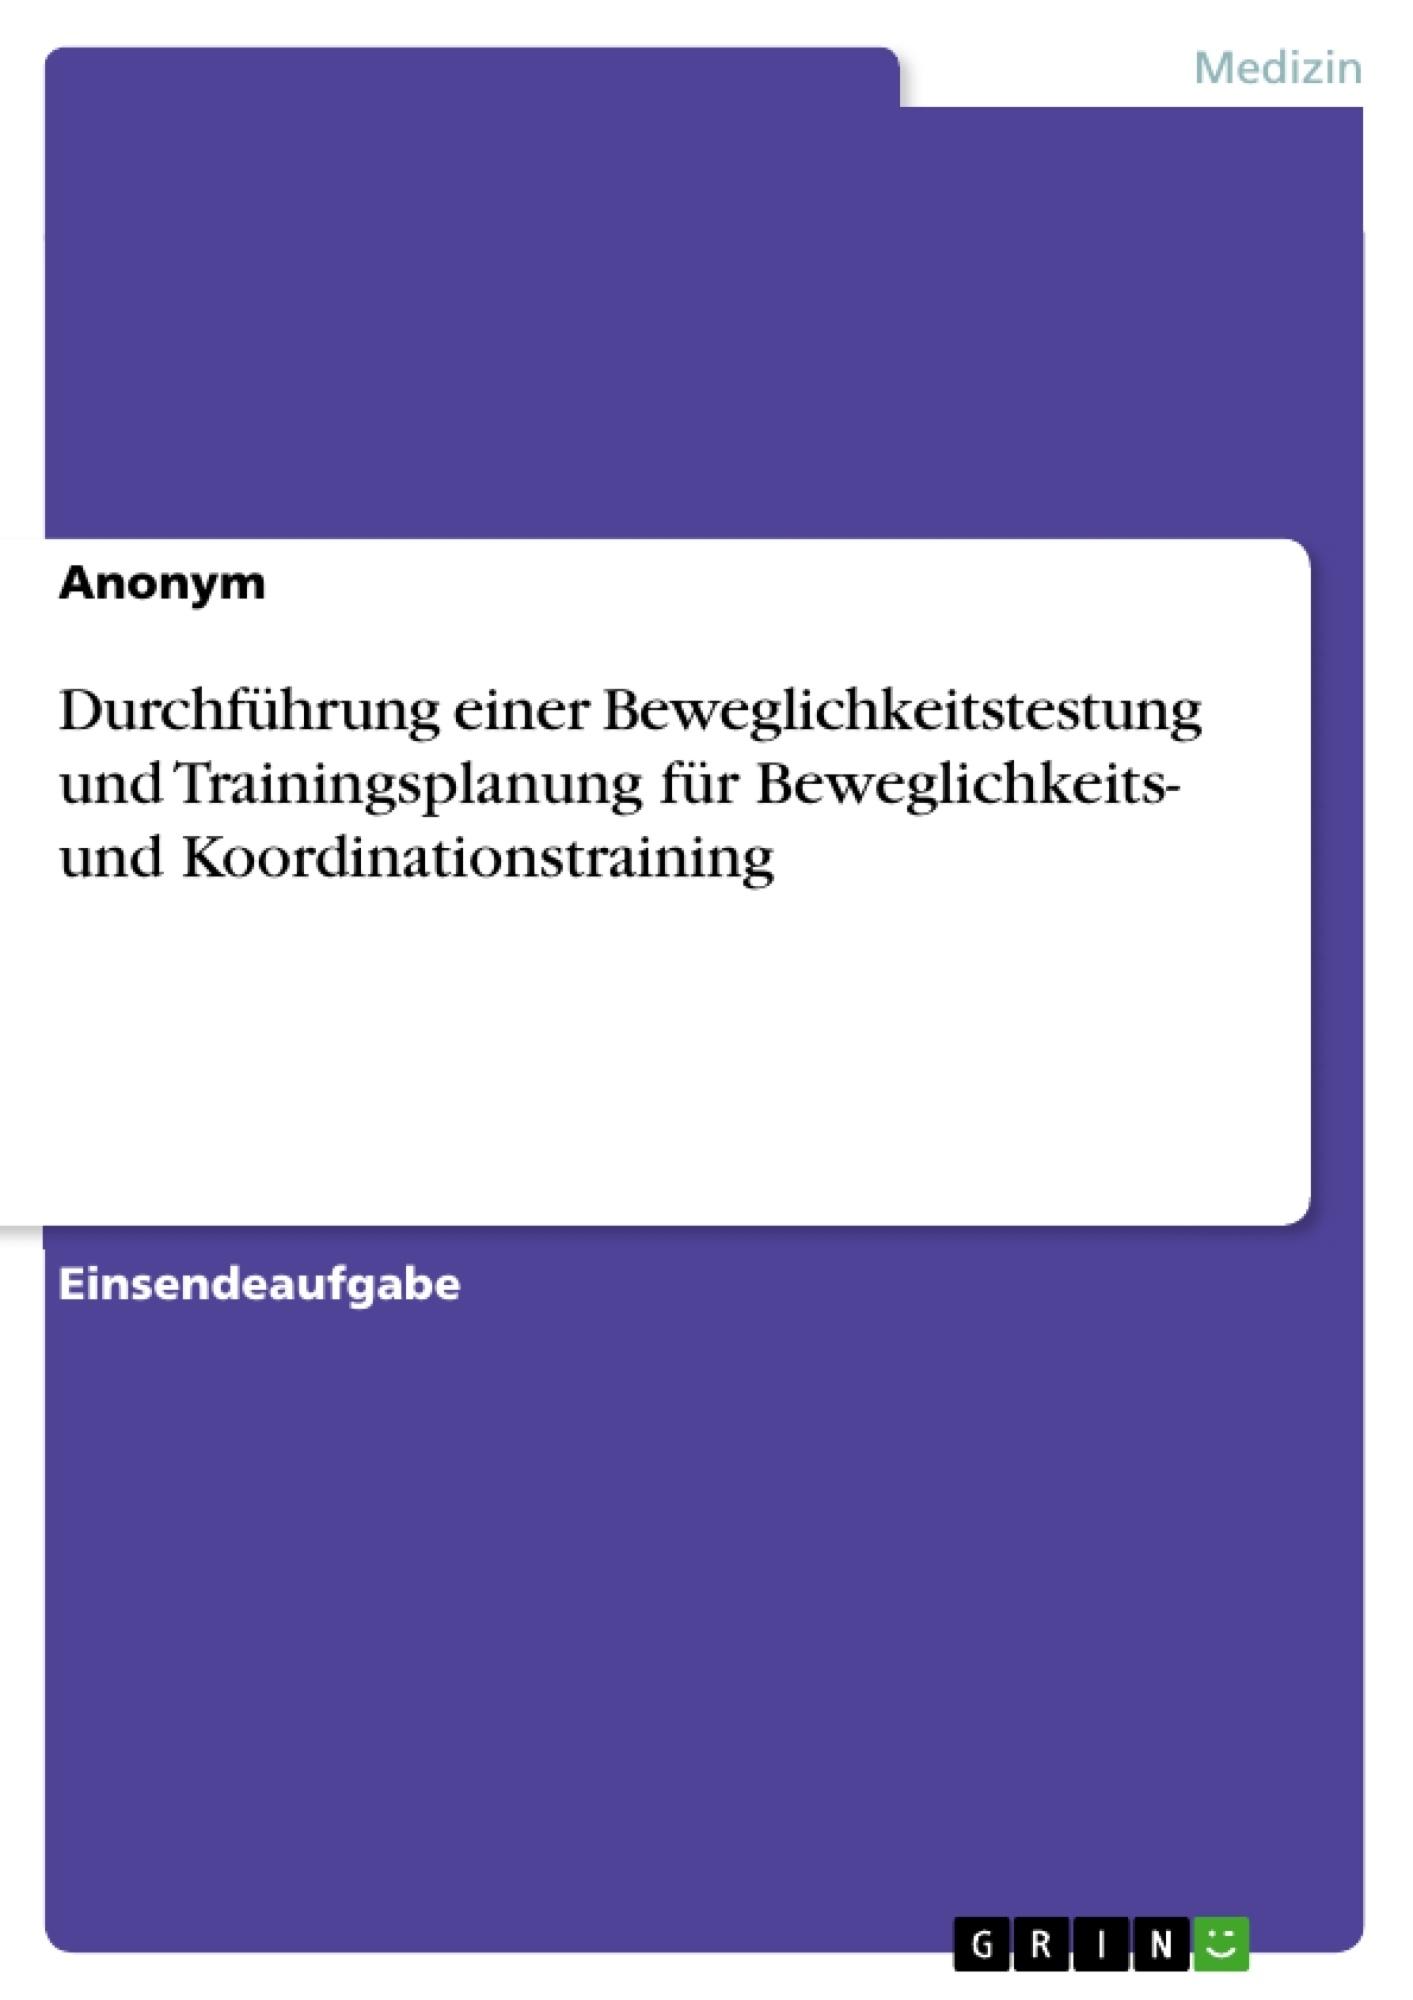 Titel: Durchführung einer Beweglichkeitstestung und Trainingsplanung für Beweglichkeits- und Koordinationstraining